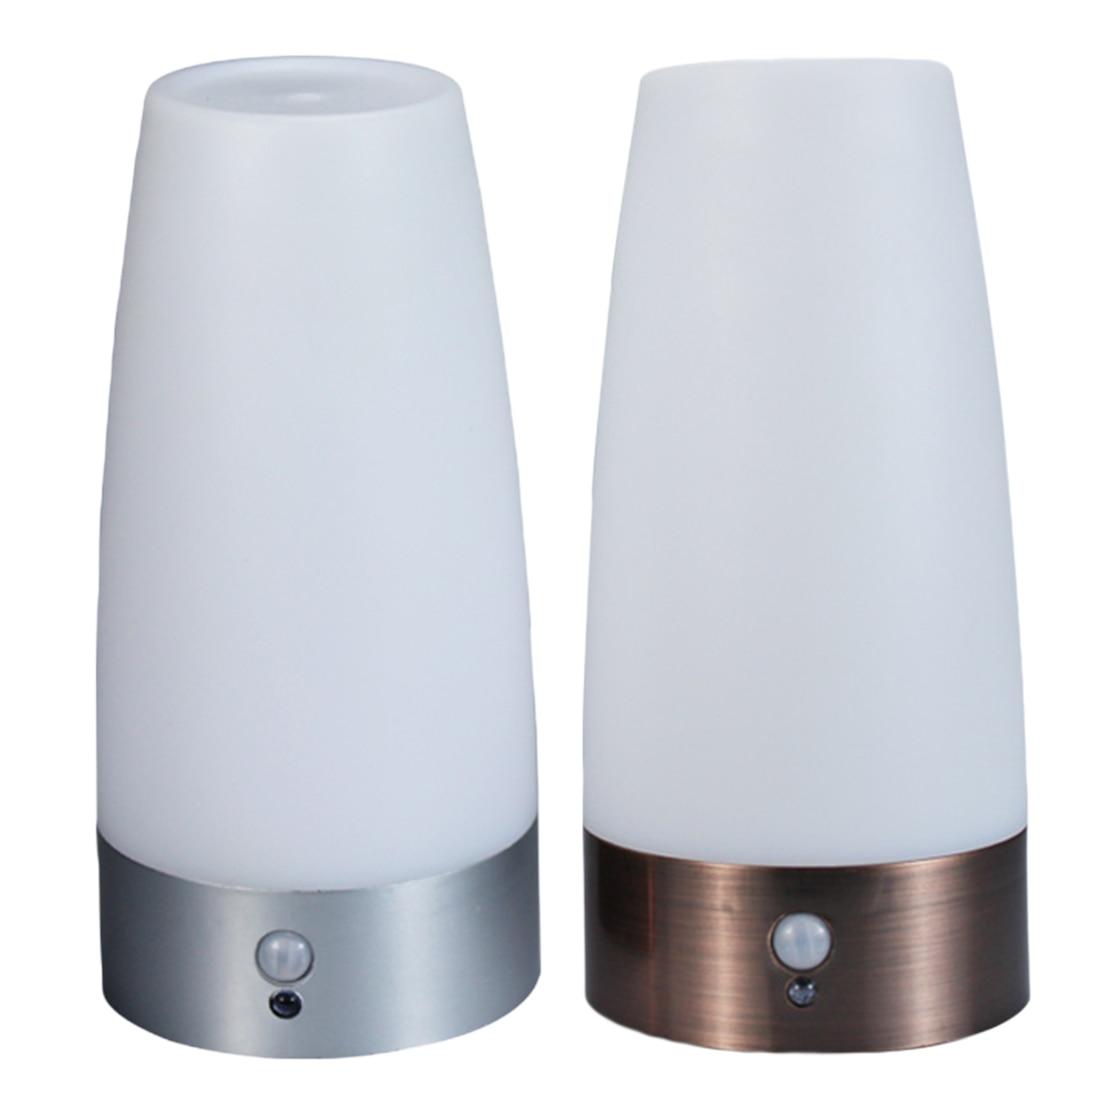 PIR Wireless LED Motion Sensor Retro Bedroom Night Light Battery Powered LED Table Lamp Nightlight For Toilet Seat